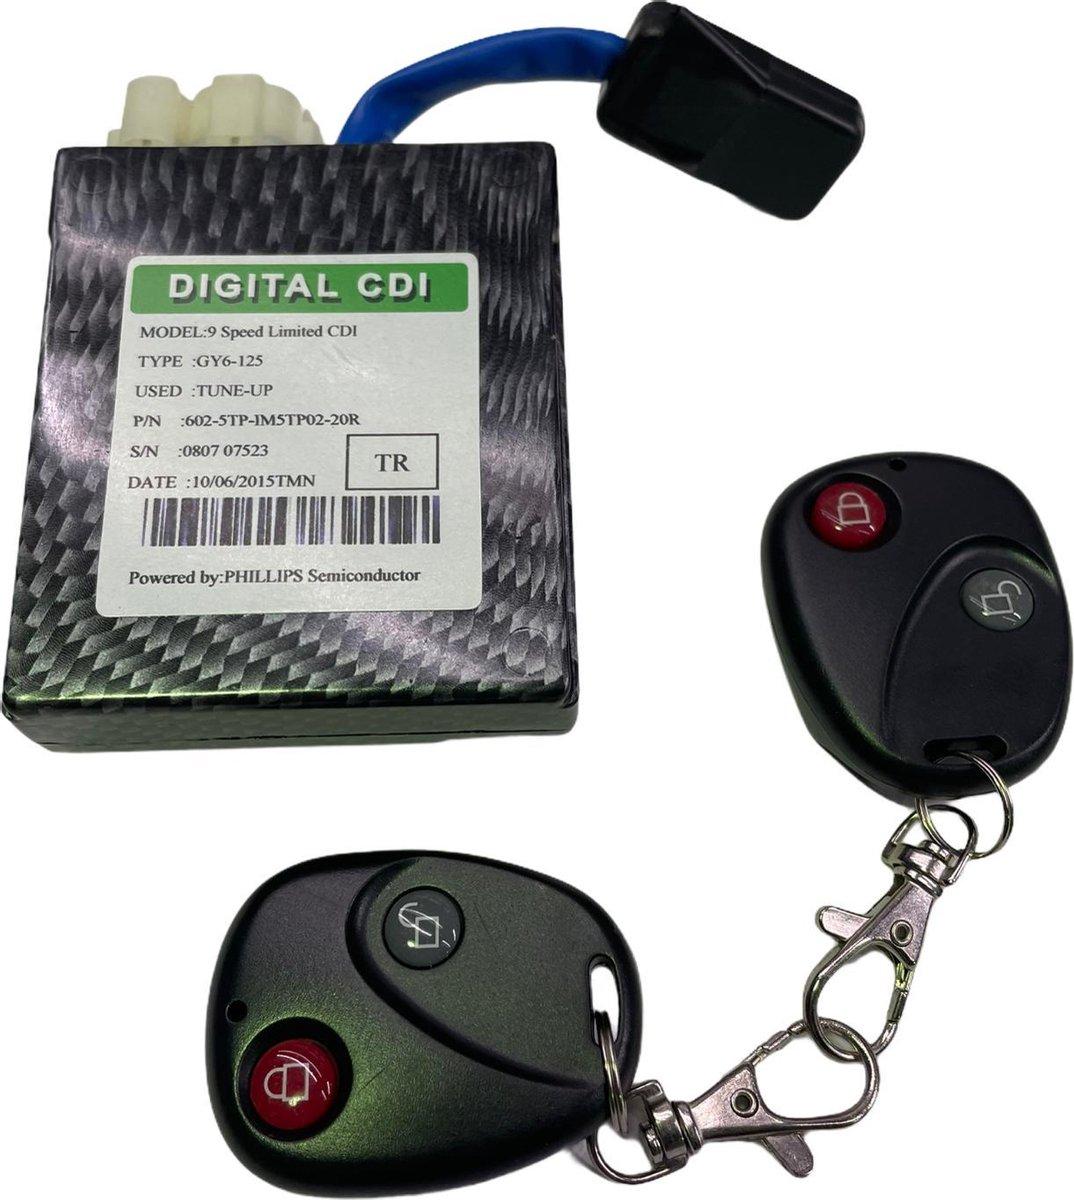 CDI met 2 afstandsbedieningen China Scooter | 9 Standen | Racing CDI powered by PHILIPS | Voor alle